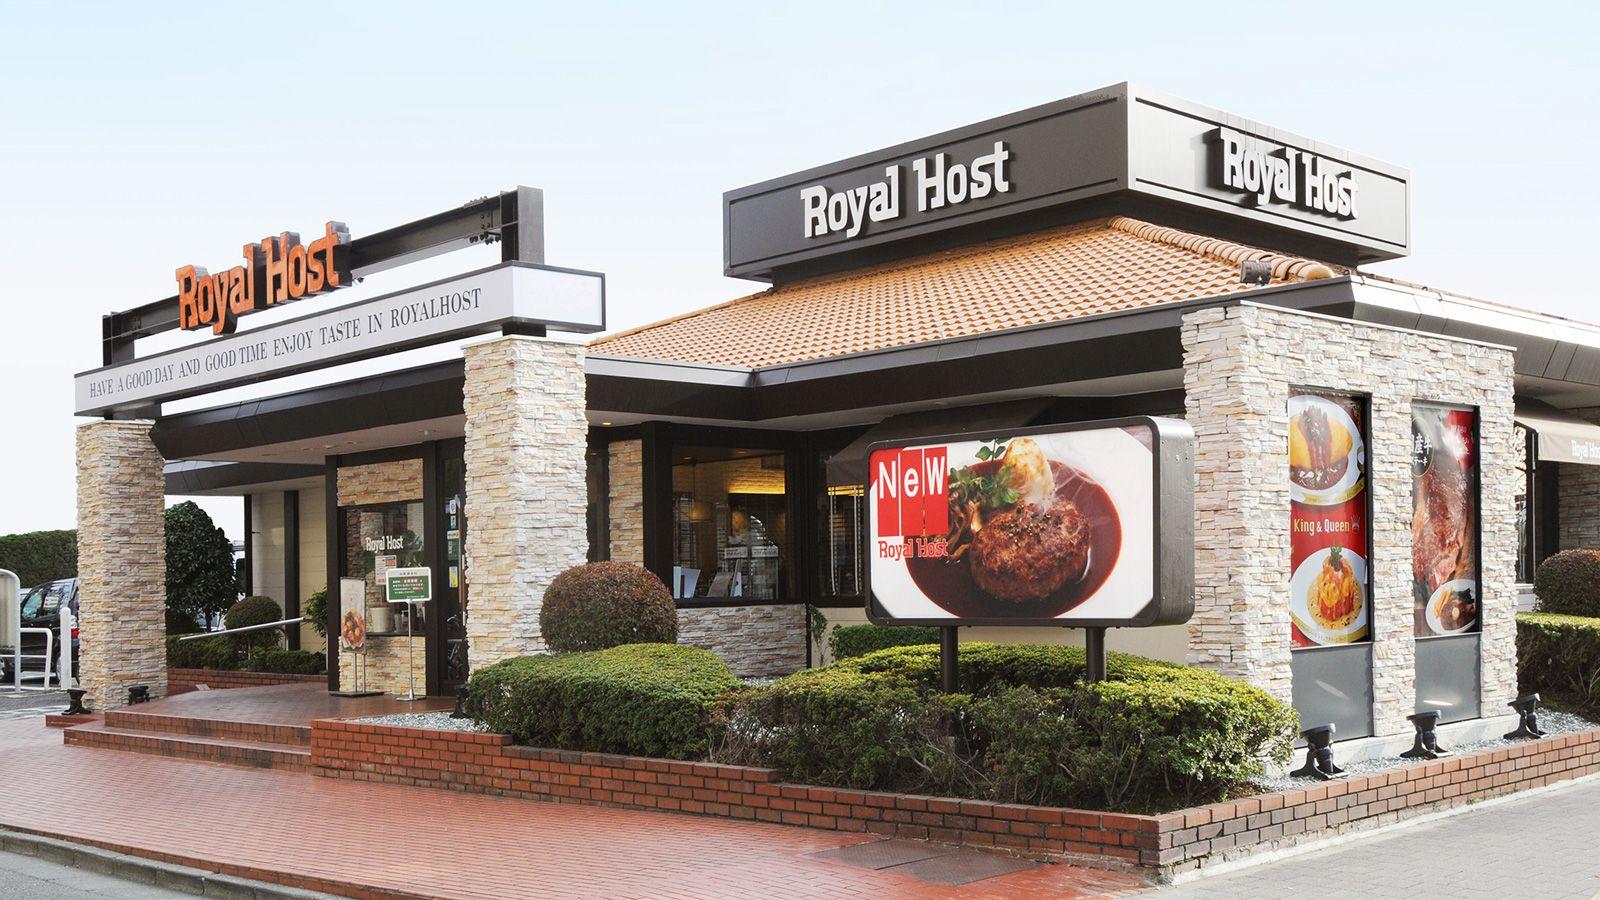 ロイヤルホストが3年続けて元日休業できた訳 | 外食 | 東洋経済 ...